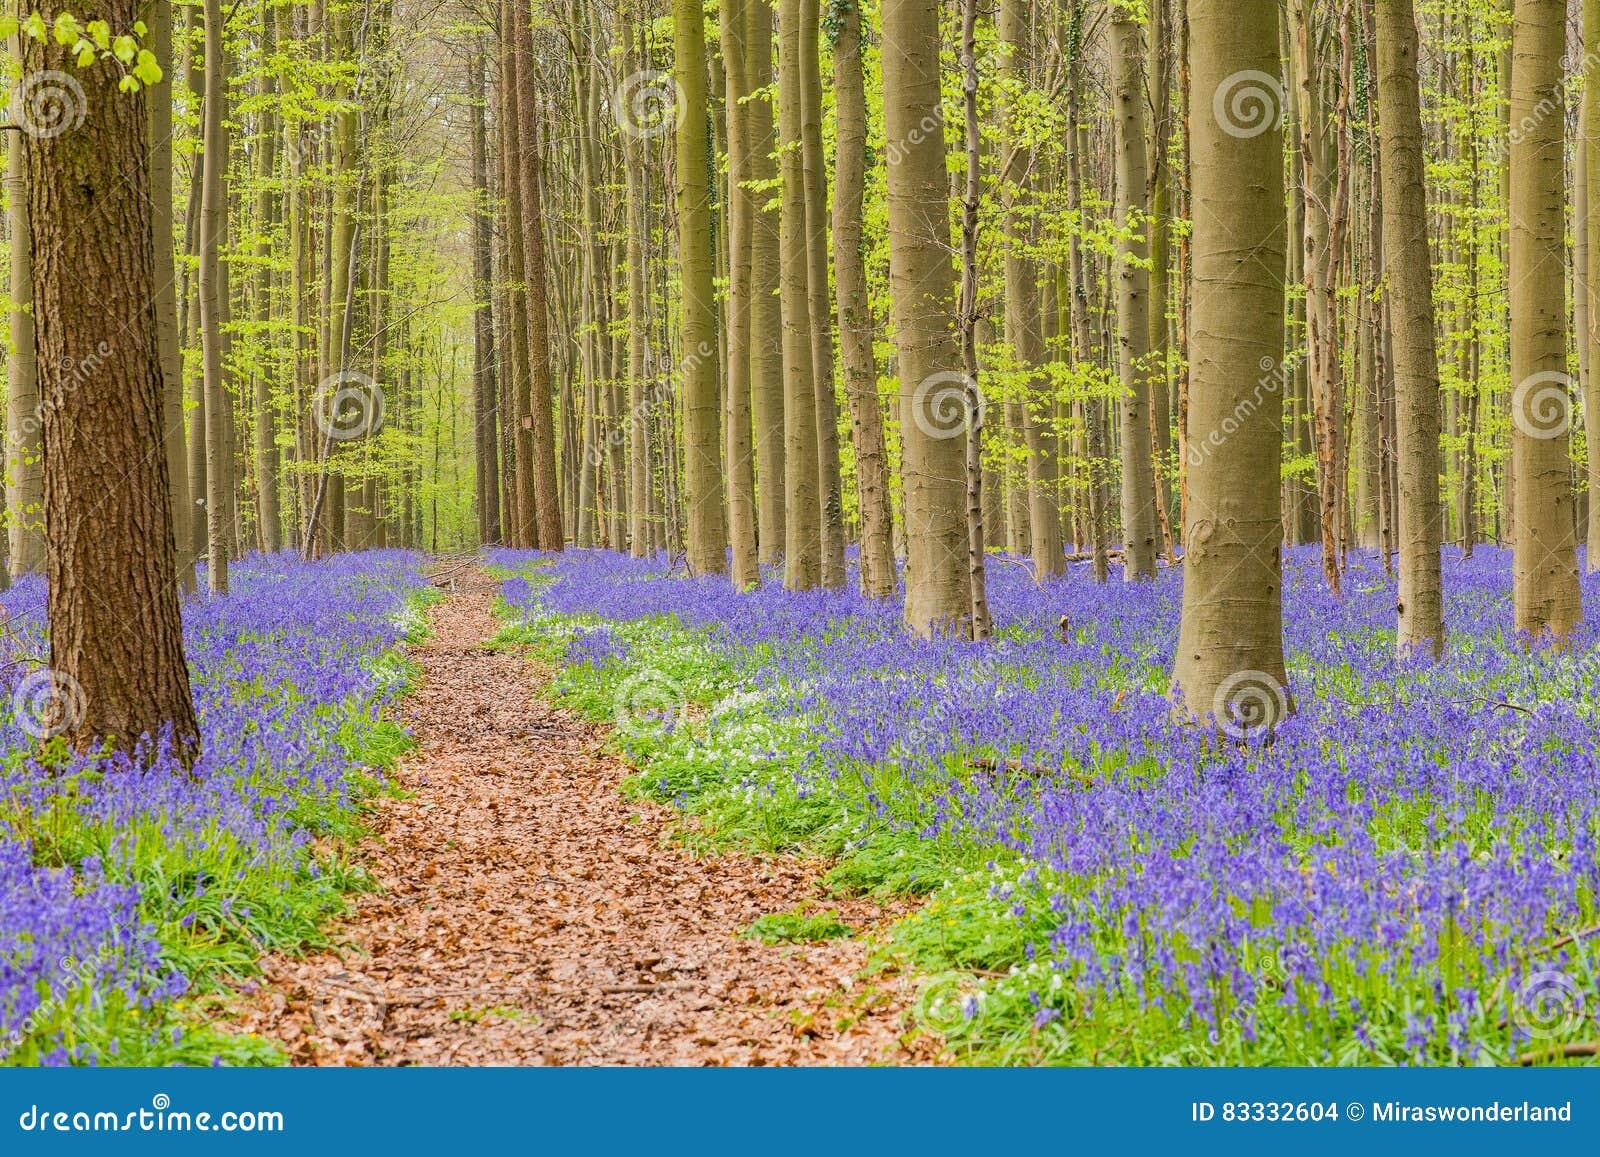 Belgien Skoghallerbos På Våren Med Engelska Blåklockor Arkivfoto Bild 83332604